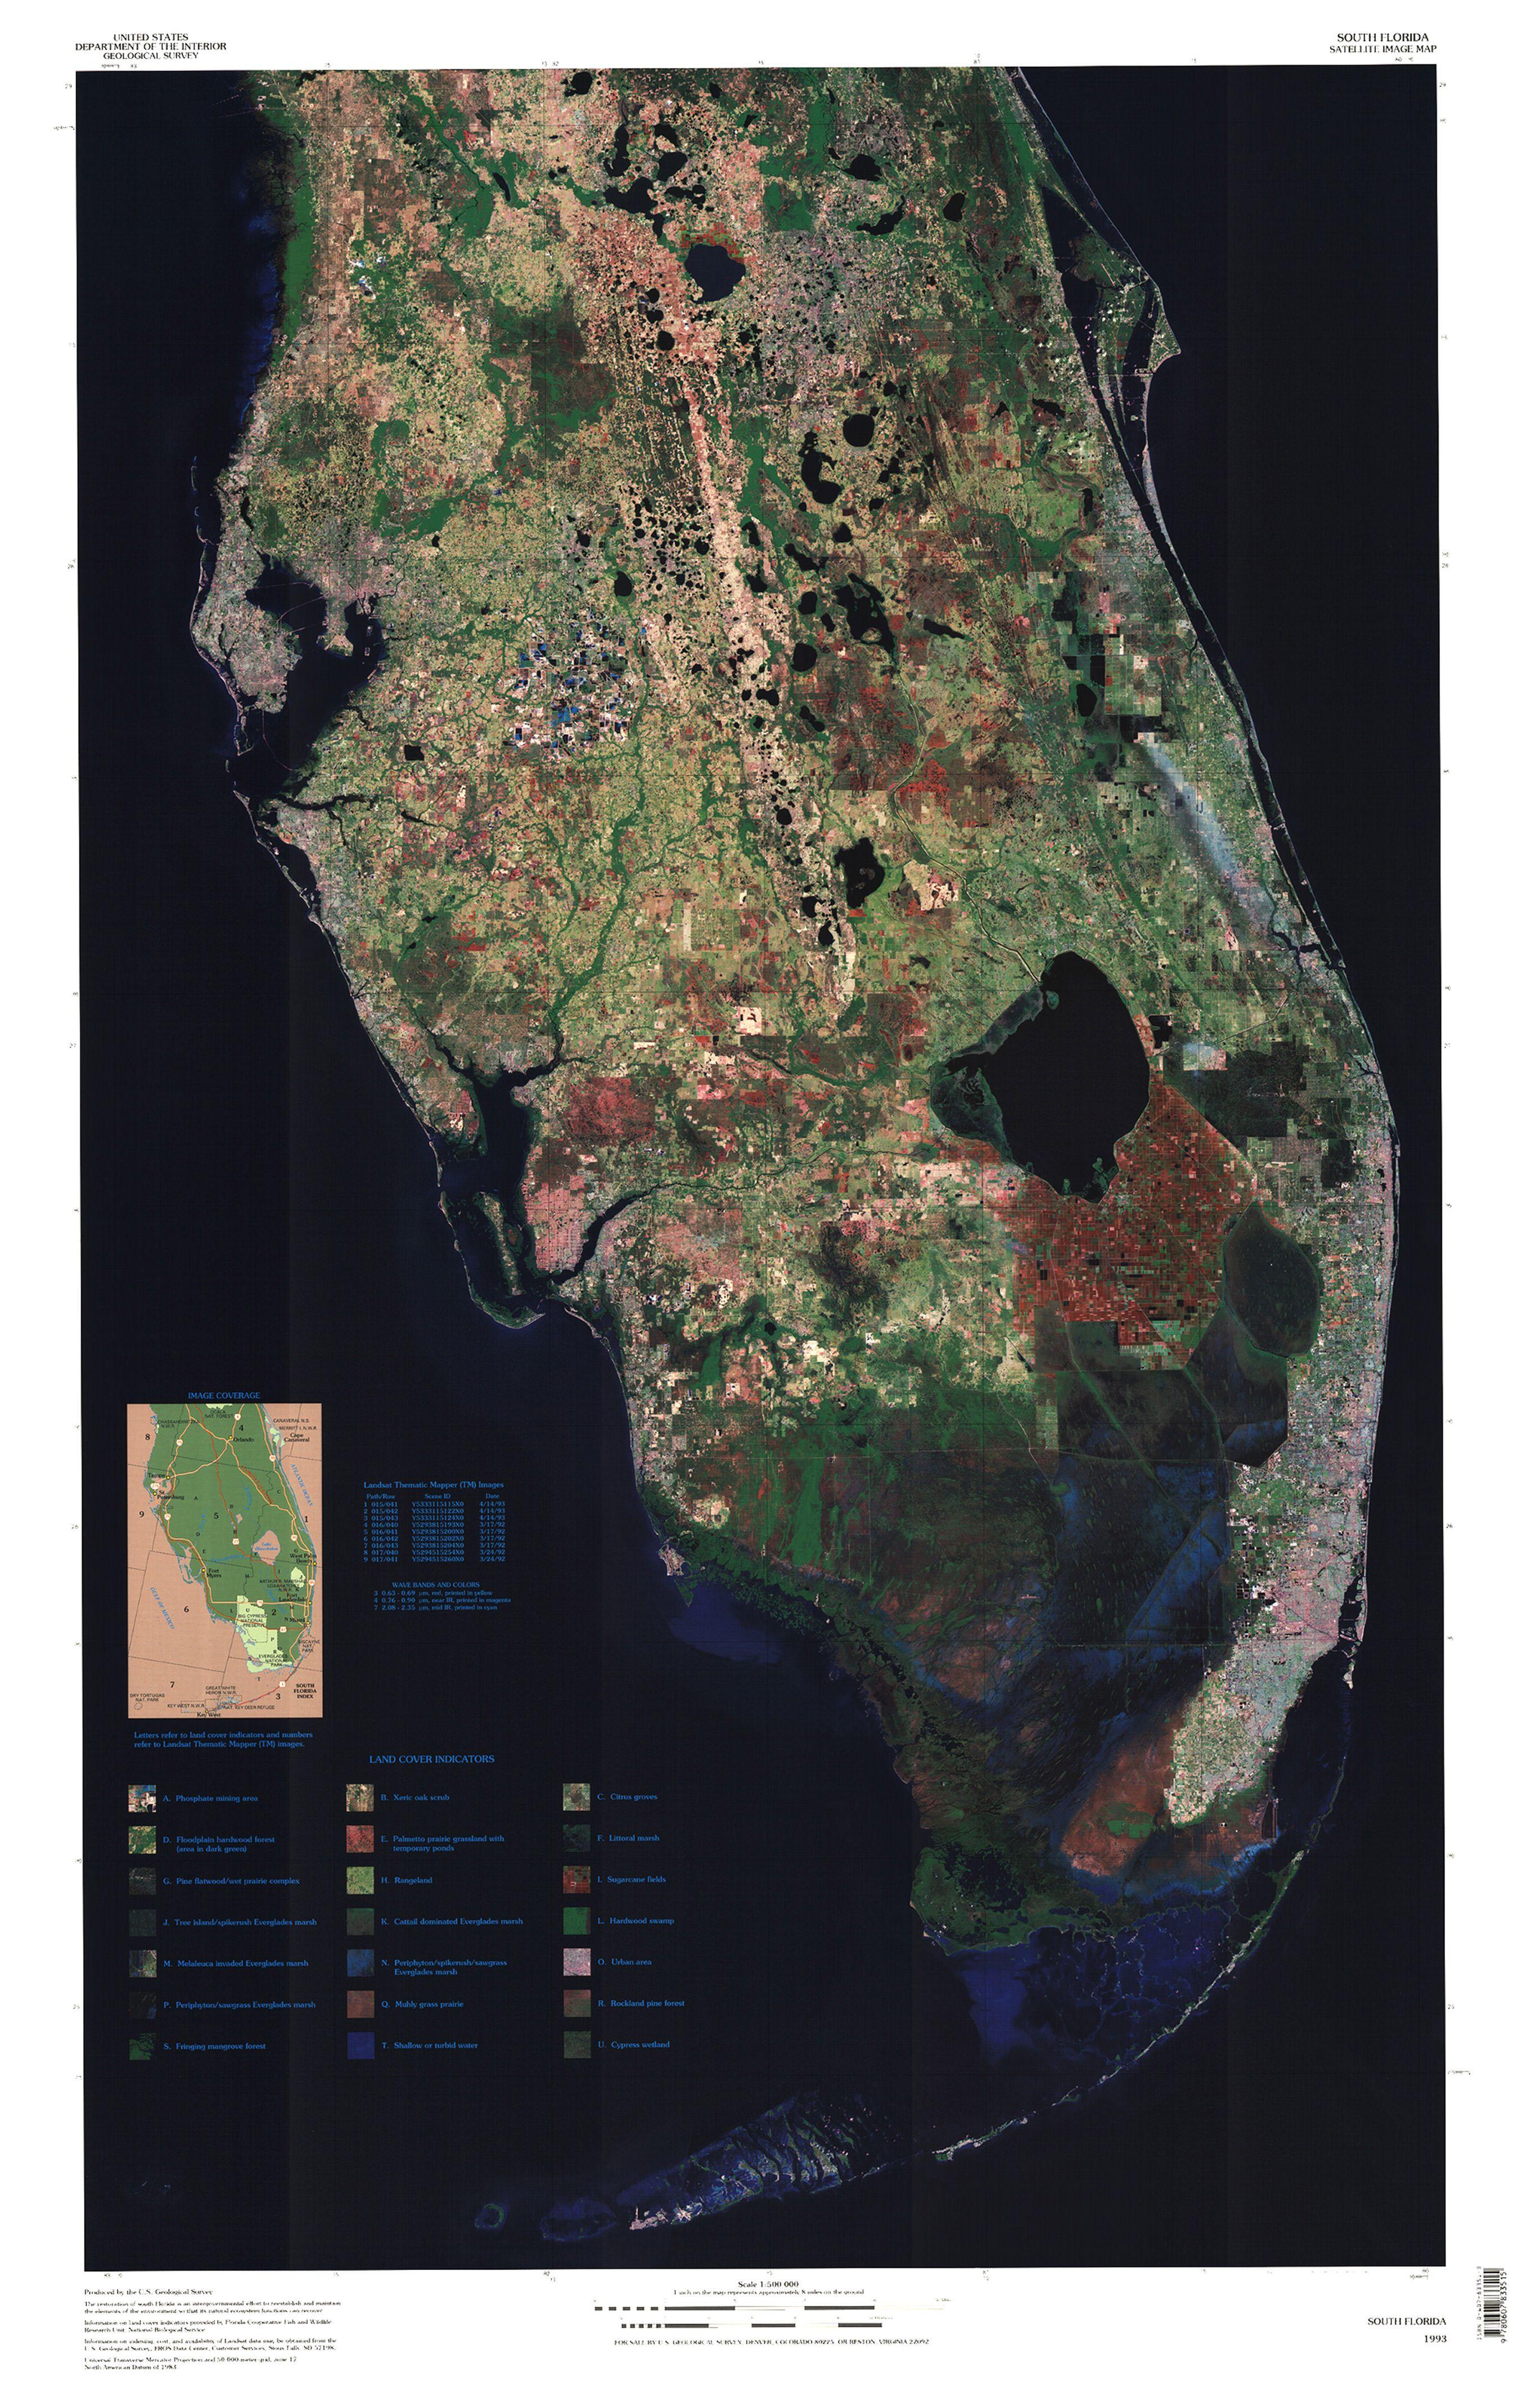 Map Of Florida Everglades.South Florida Satellite Image Map Maps Florida Everglades